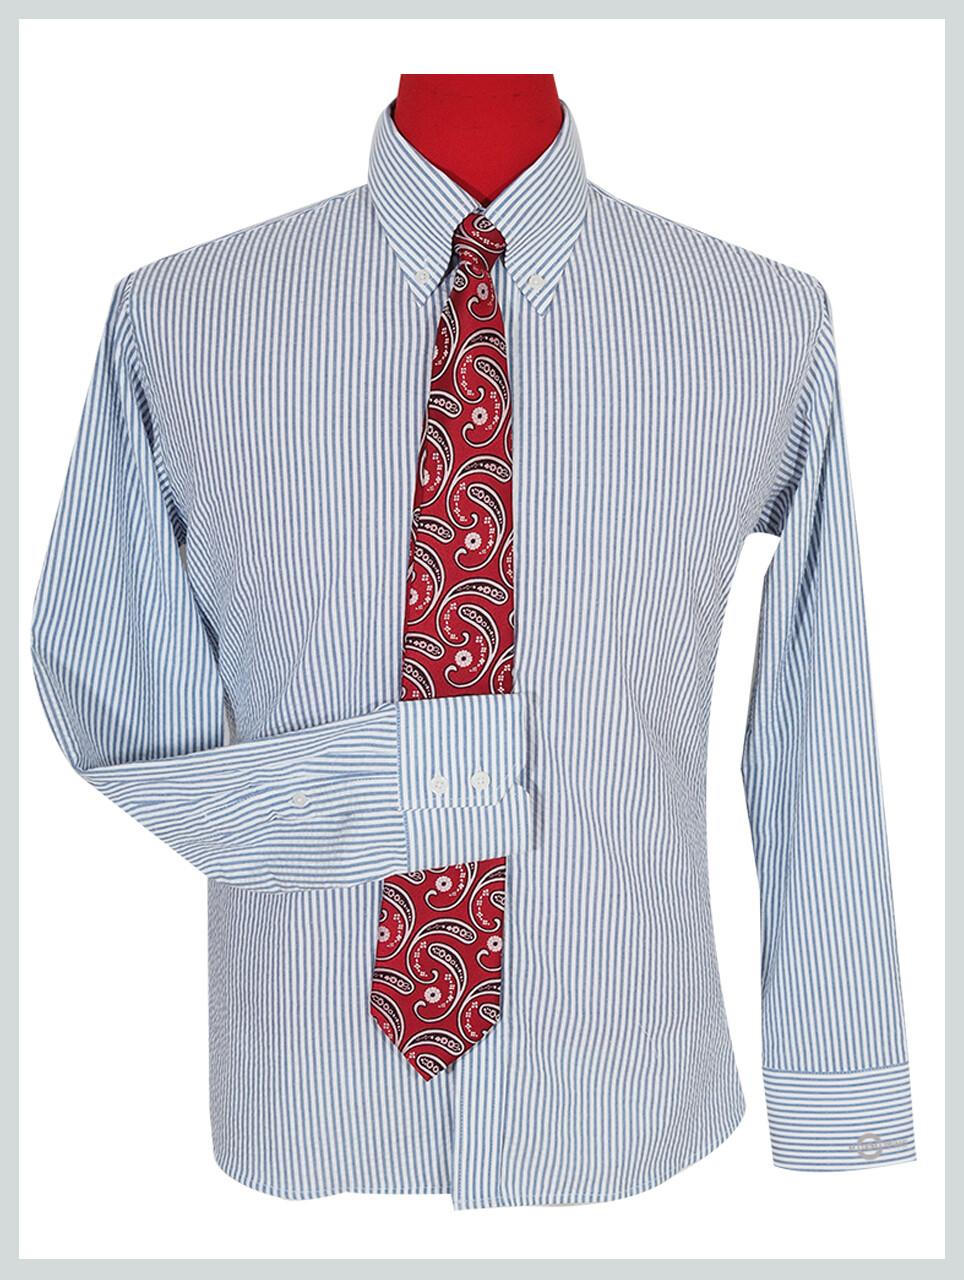 Long Sleeve Shirt | Seersucker Summer Shirt